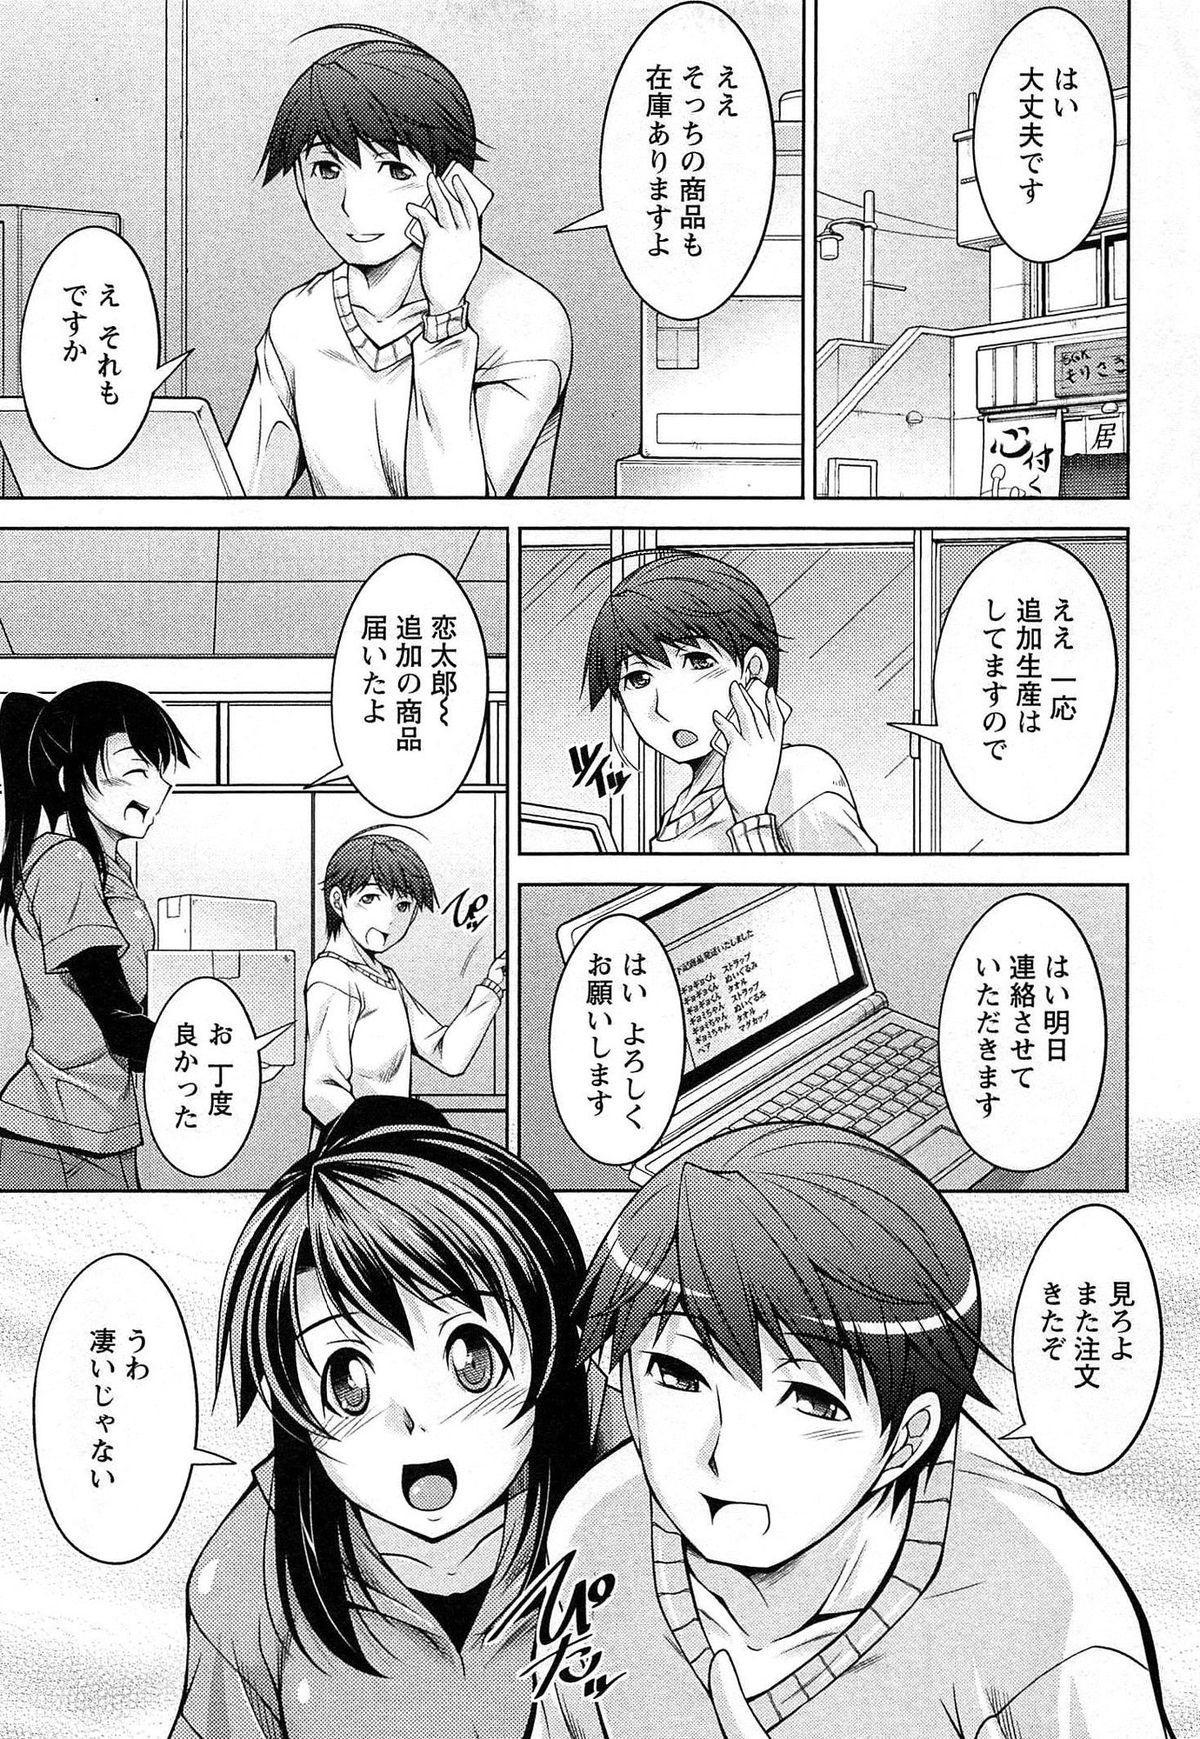 [zen9] Tsuki-wo Ai-Shite - Tsuki-ni Koi-shite 2 61